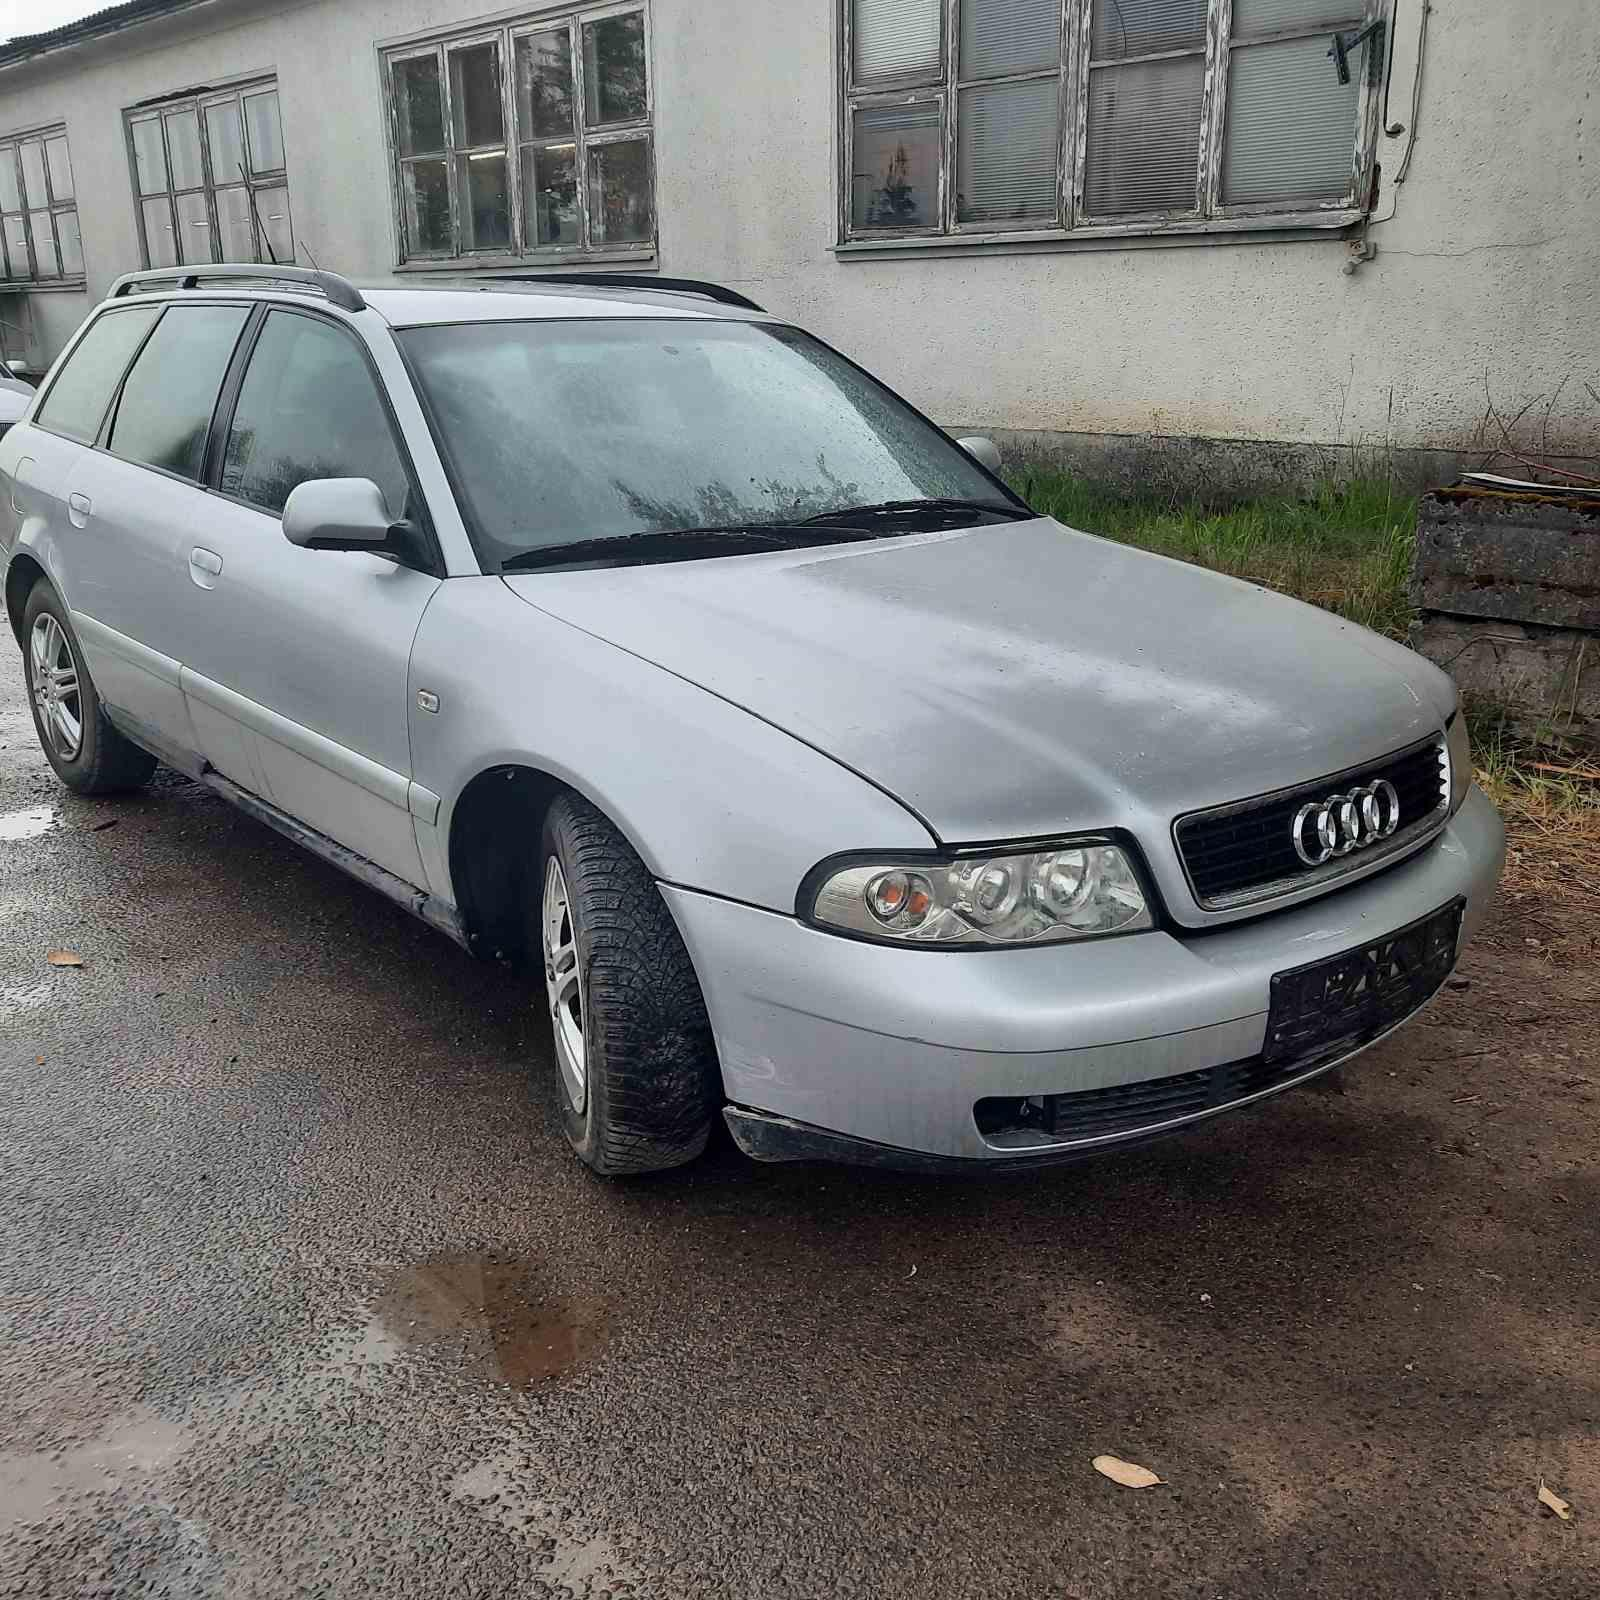 Подержанные Автозапчасти Audi A4 1999 1.6 машиностроение универсал 4/5 d. Серый 2021-7-22